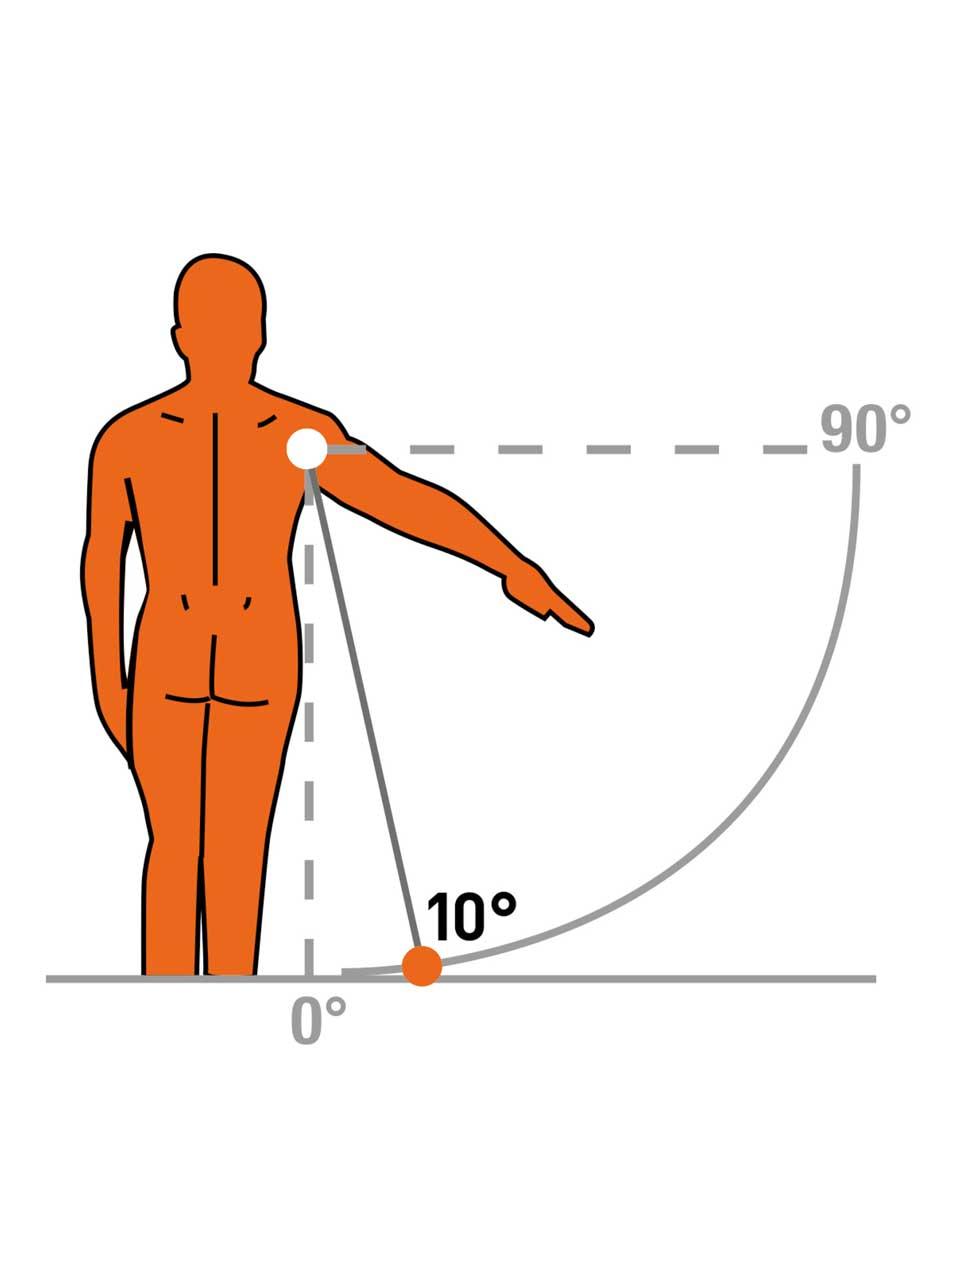 TOP III-S 10° - Shoulder brace